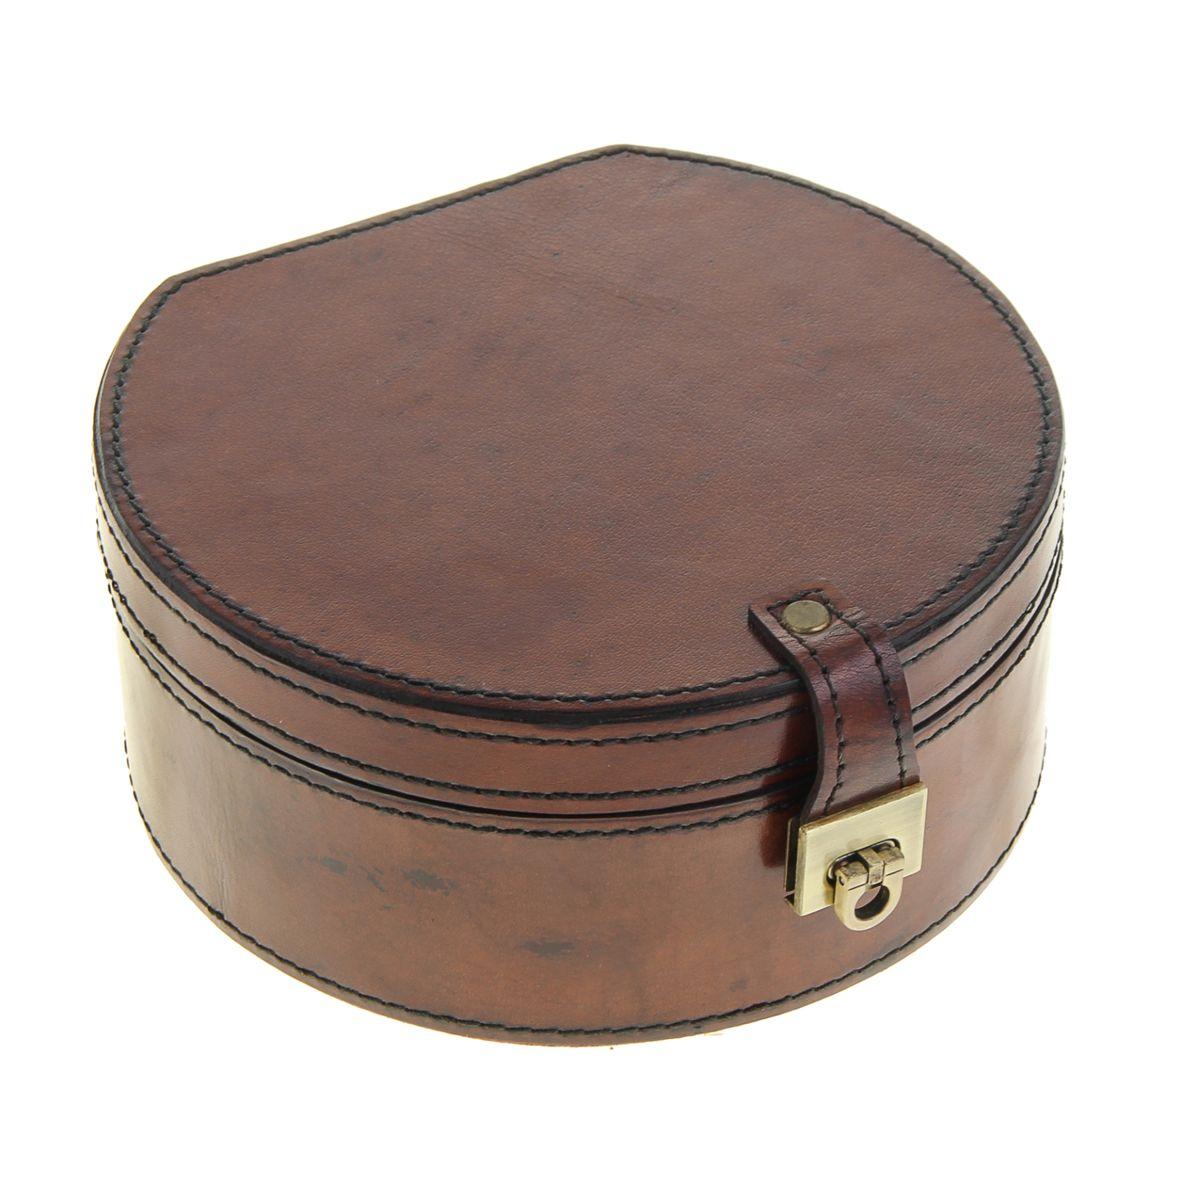 Шкатулка Sima-land, цвет: коричневый, 18 см х 16,5 см х 8 см шкатулки trousselier музыкальная шкатулка 1 отделение fairy parma